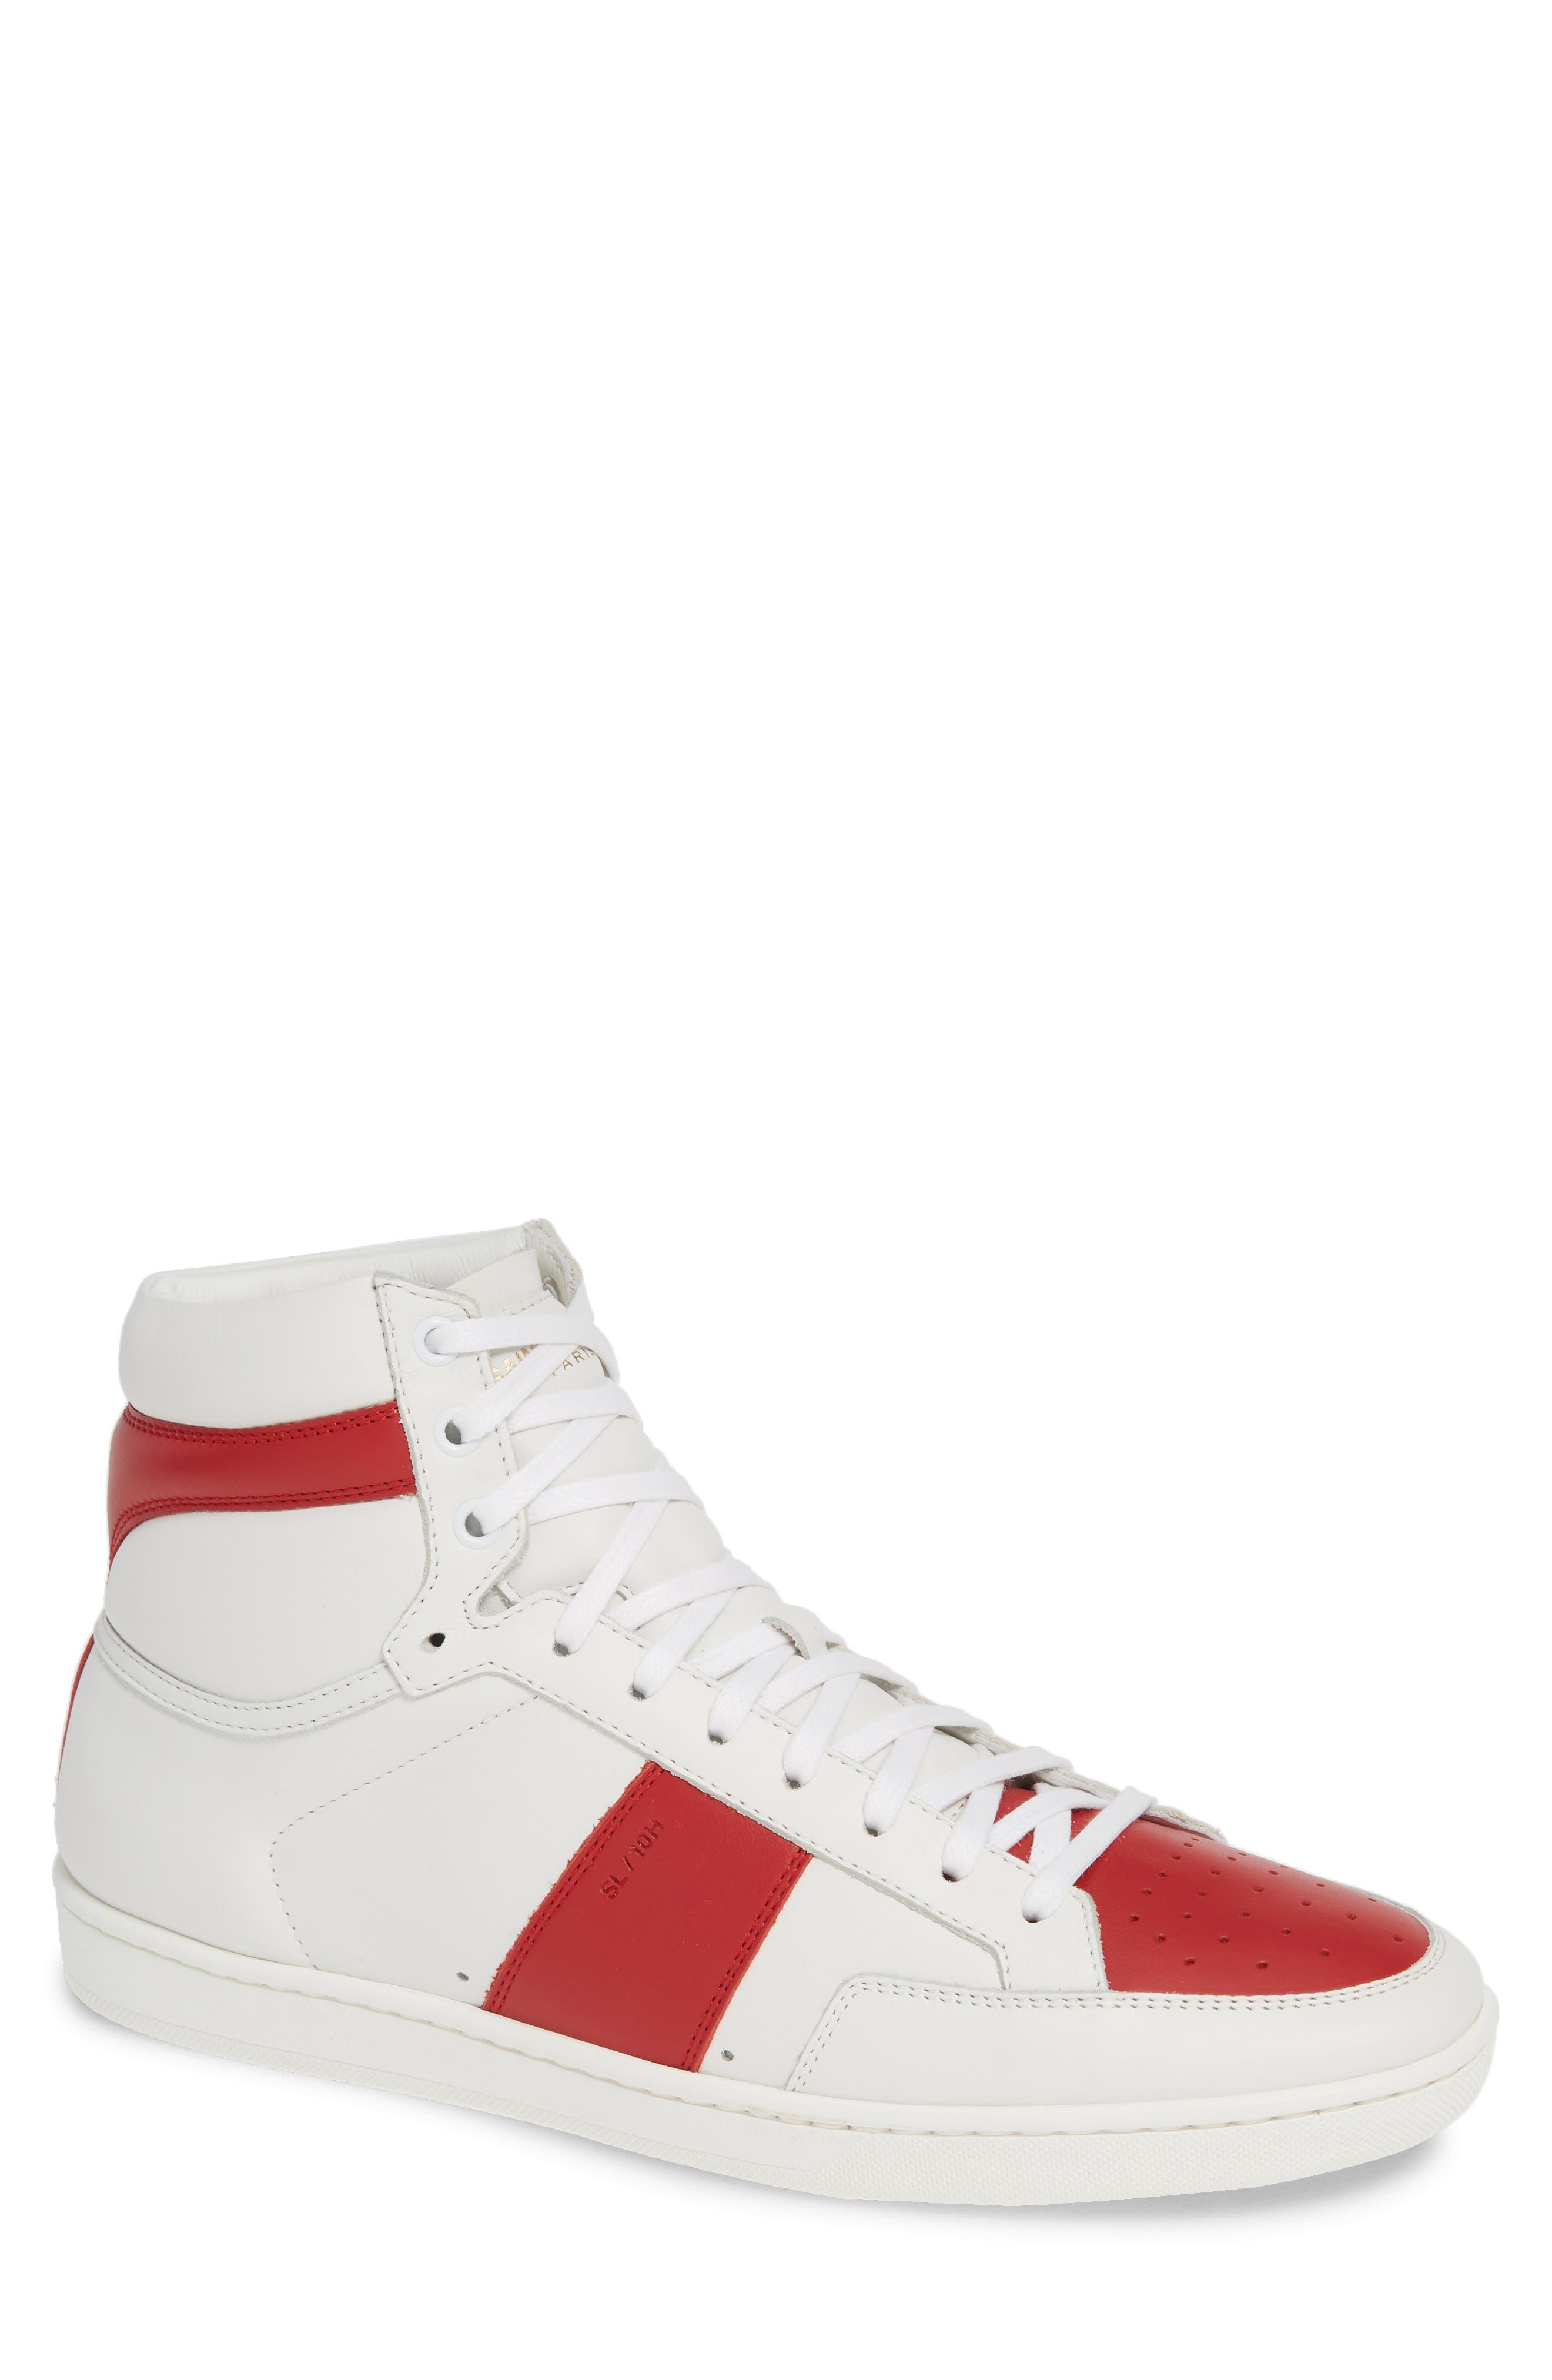 SAINT LAURENT, SL/10H Signature Court Classic High-Top Sneaker, Main thumbnail 1, color, WHITE/ MULTI